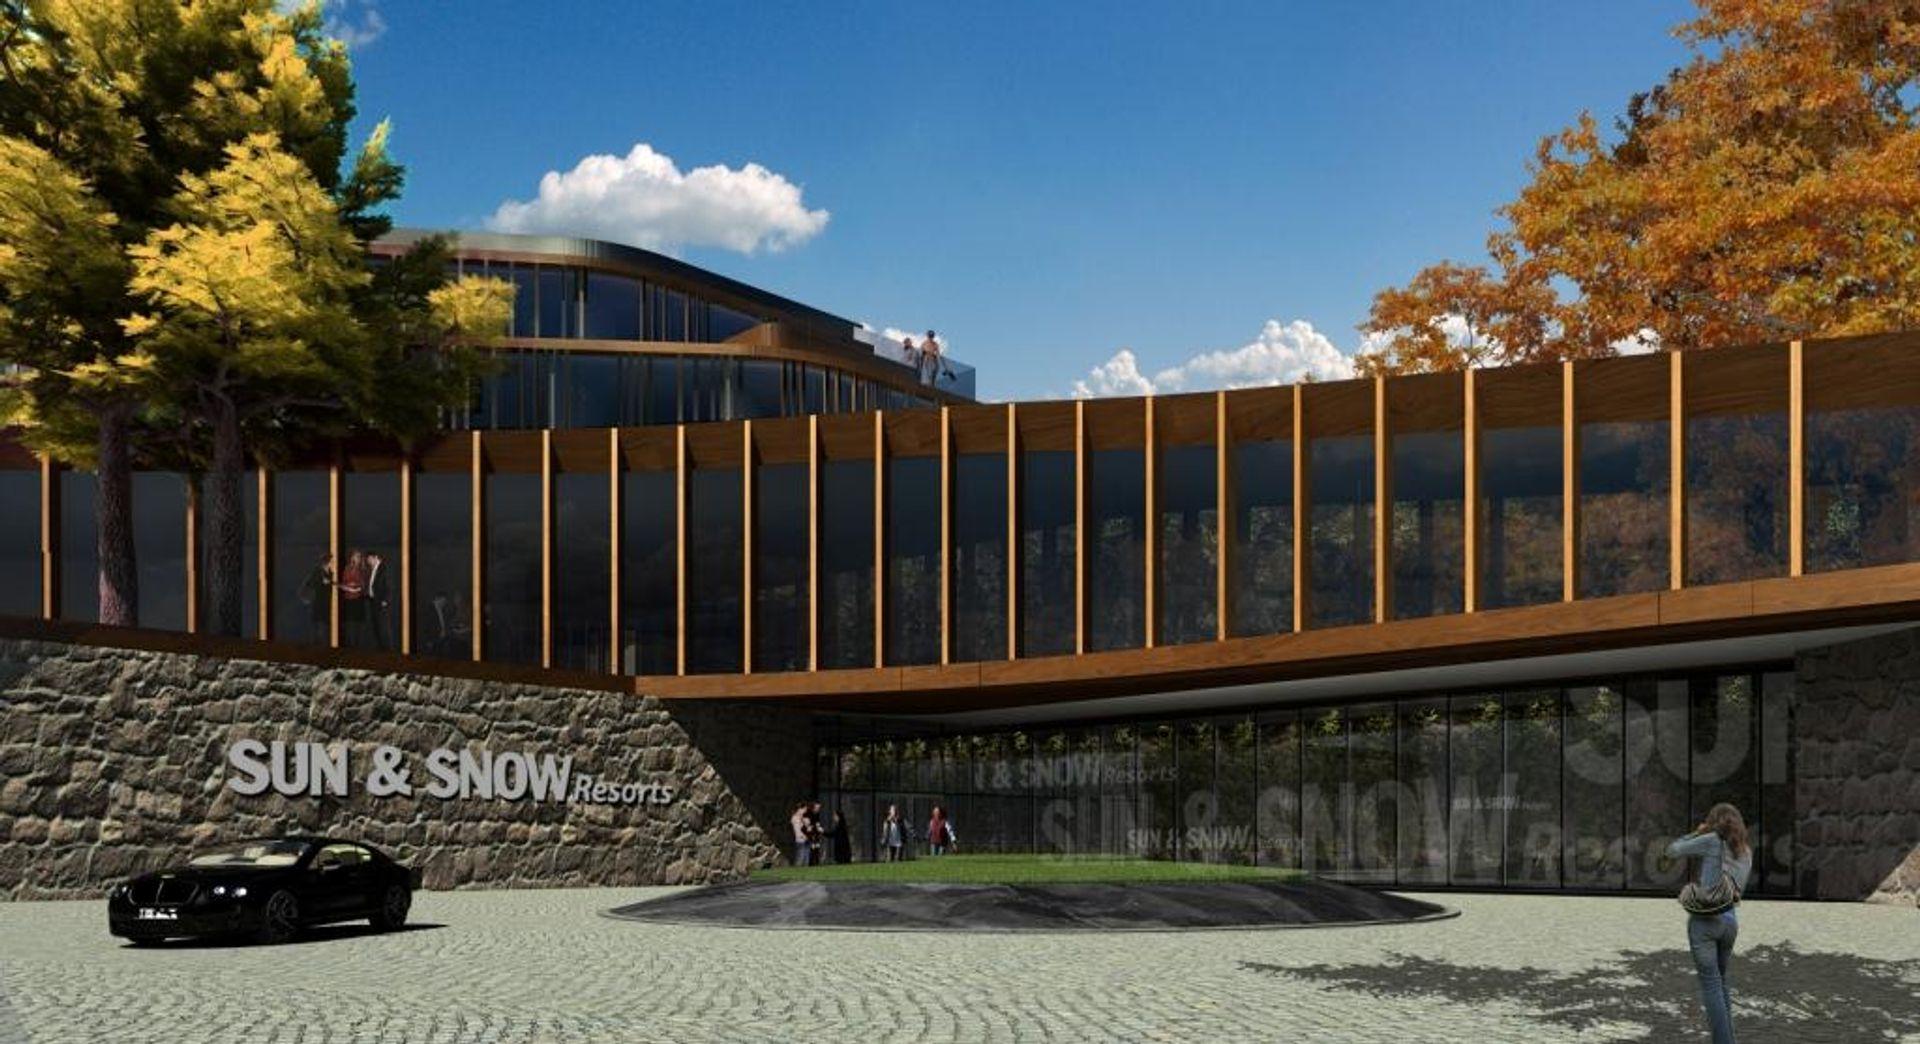 [dolnośląskie] Autorska pracownia architektoniczna KM Rubaszkiewicz zwycięzcą konkursu Sun & Snow na projekt hotelu w Szklarskiej Porębie